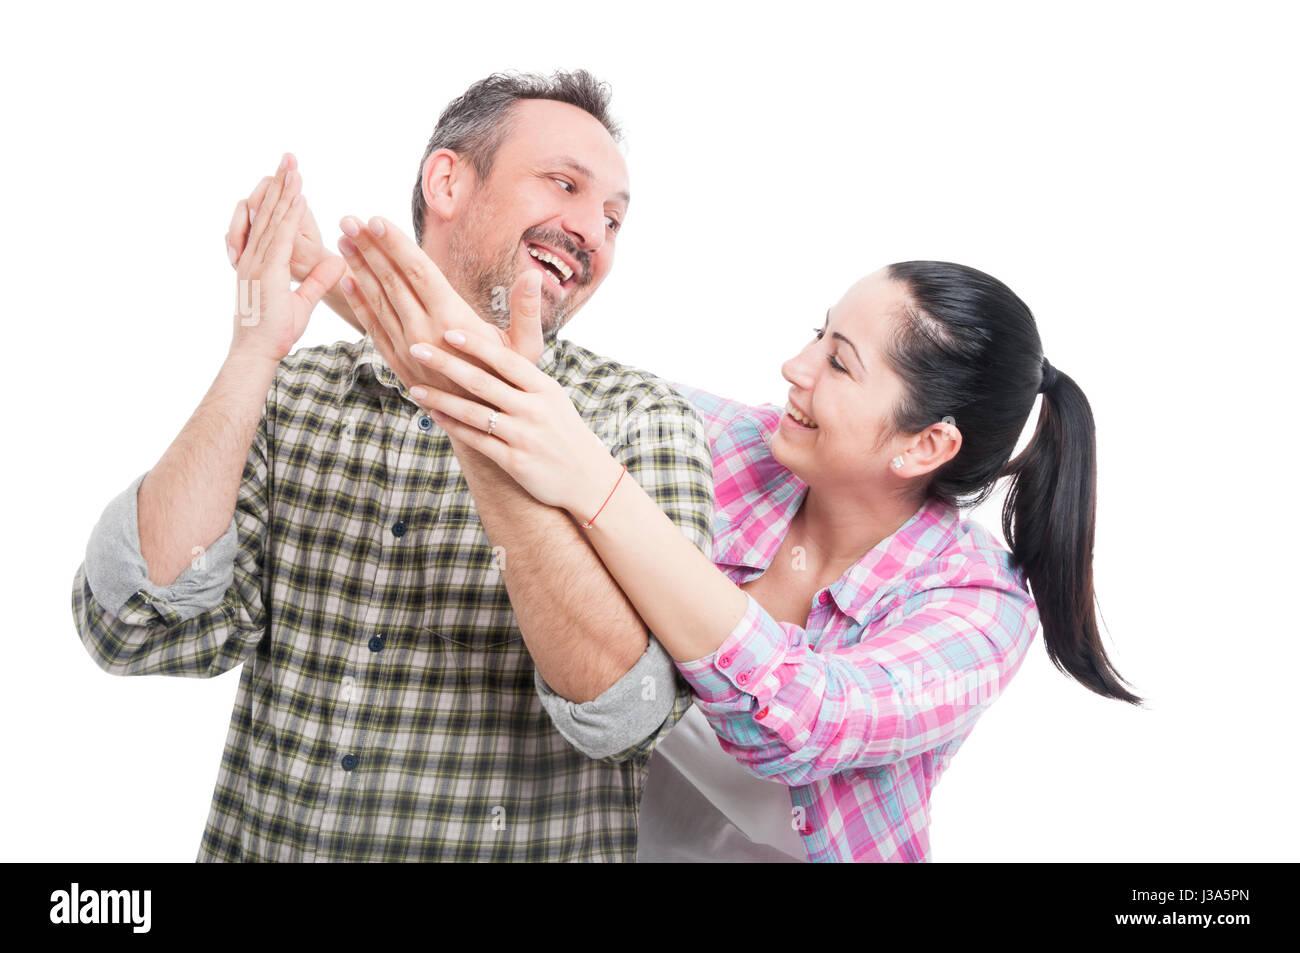 Jolie femme surprenant son bel amant et smiling together on white background Photo Stock